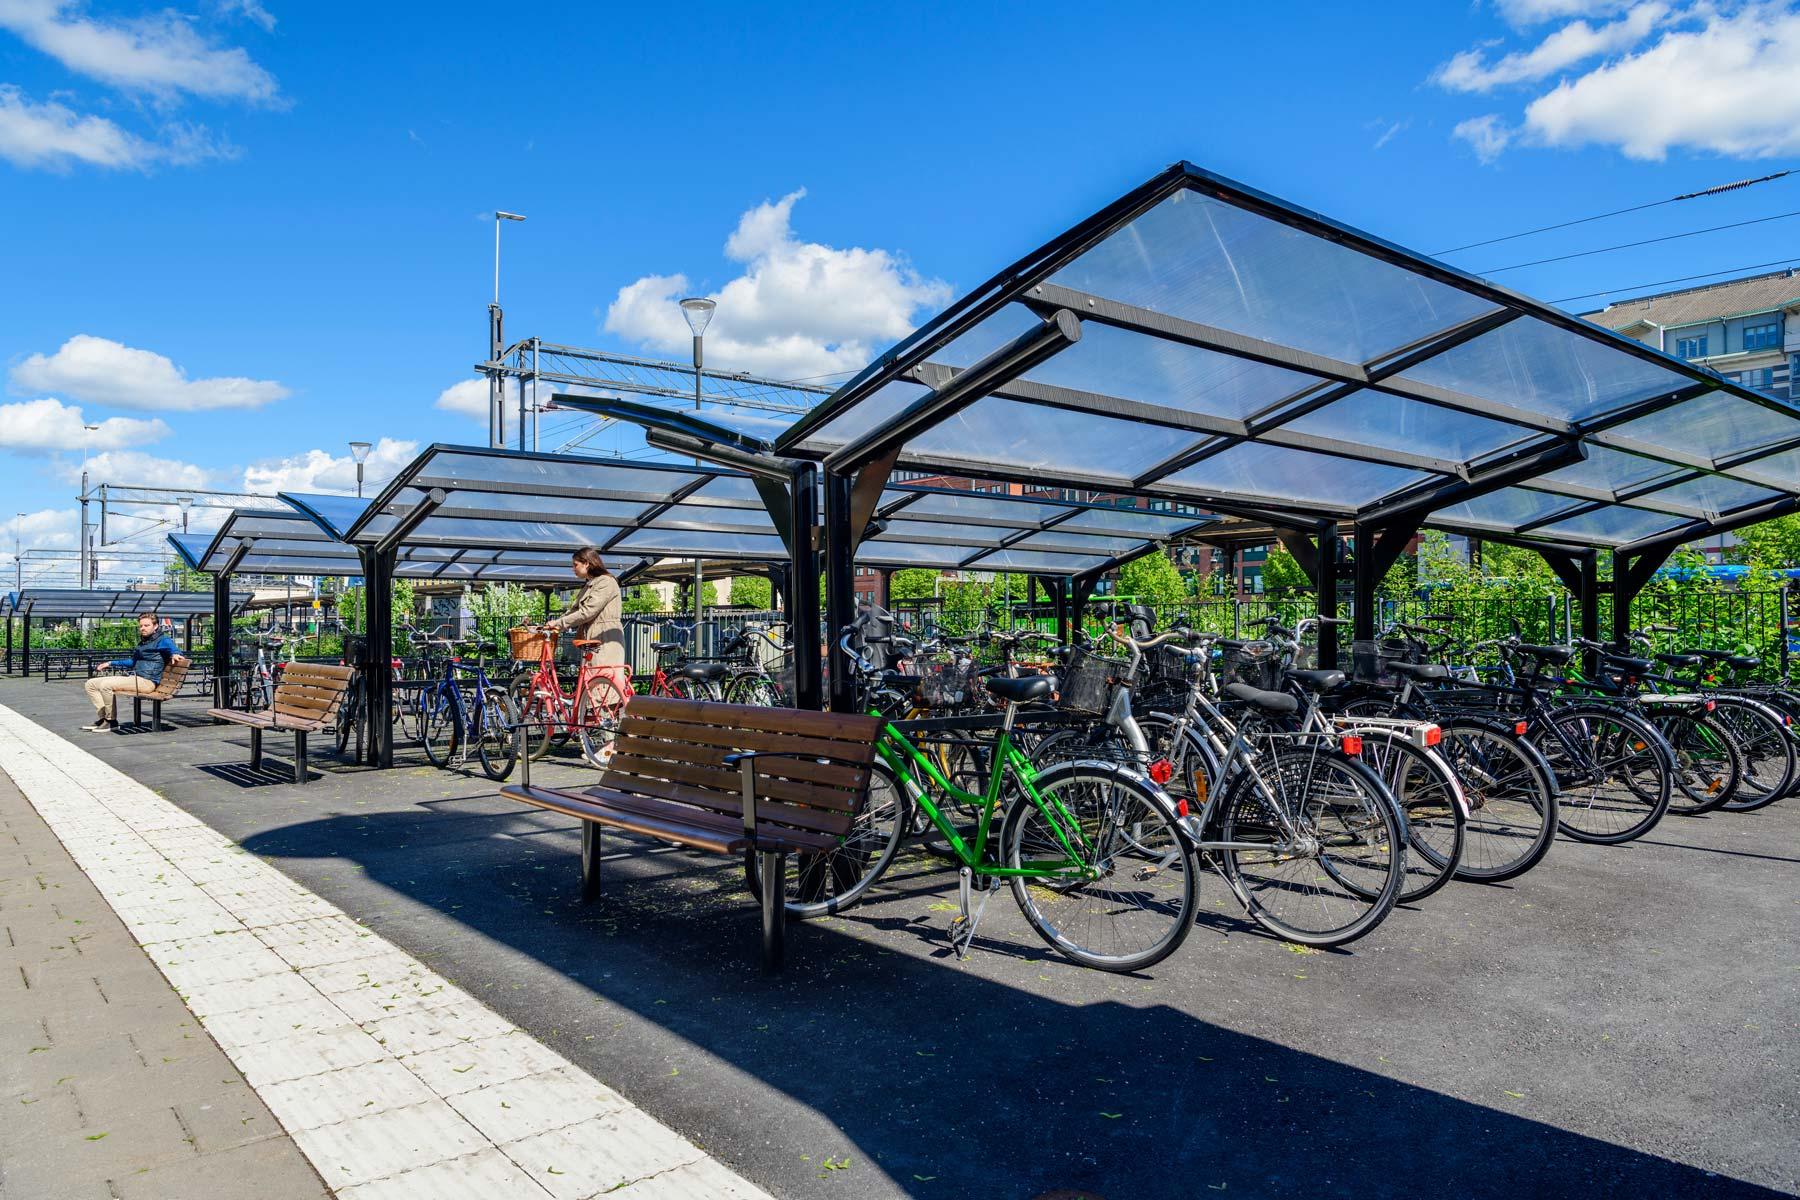 Dubbelsidigt cykeltak där en kvinna parkerar en cykel och en man sitter på en bänk.